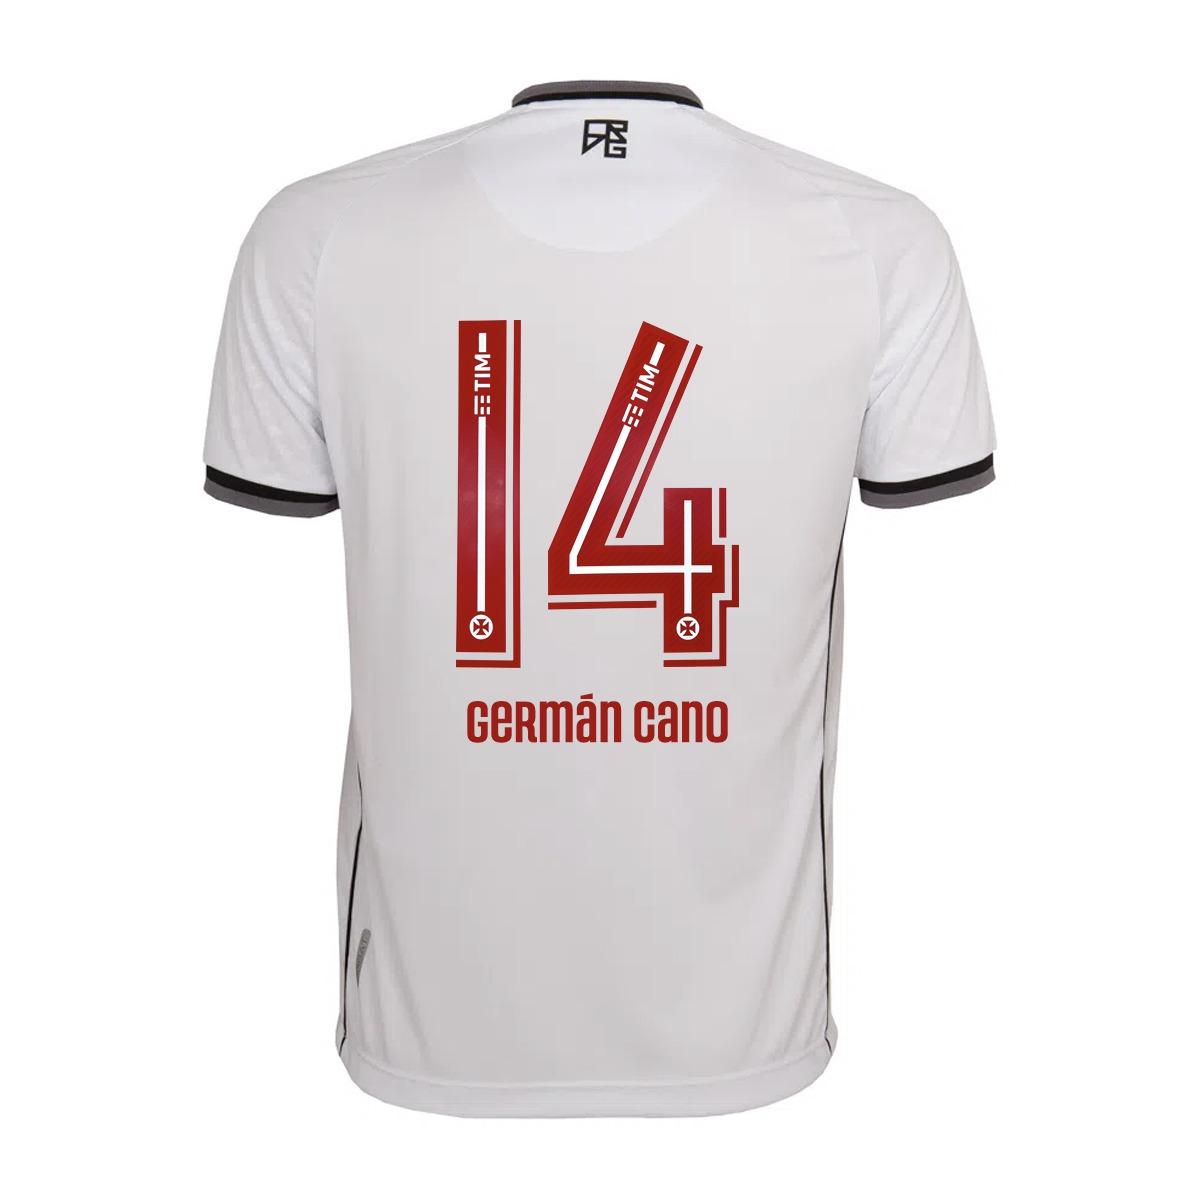 Camisa Vasco Jogo 2 Kappa 2021 - Germán Cano